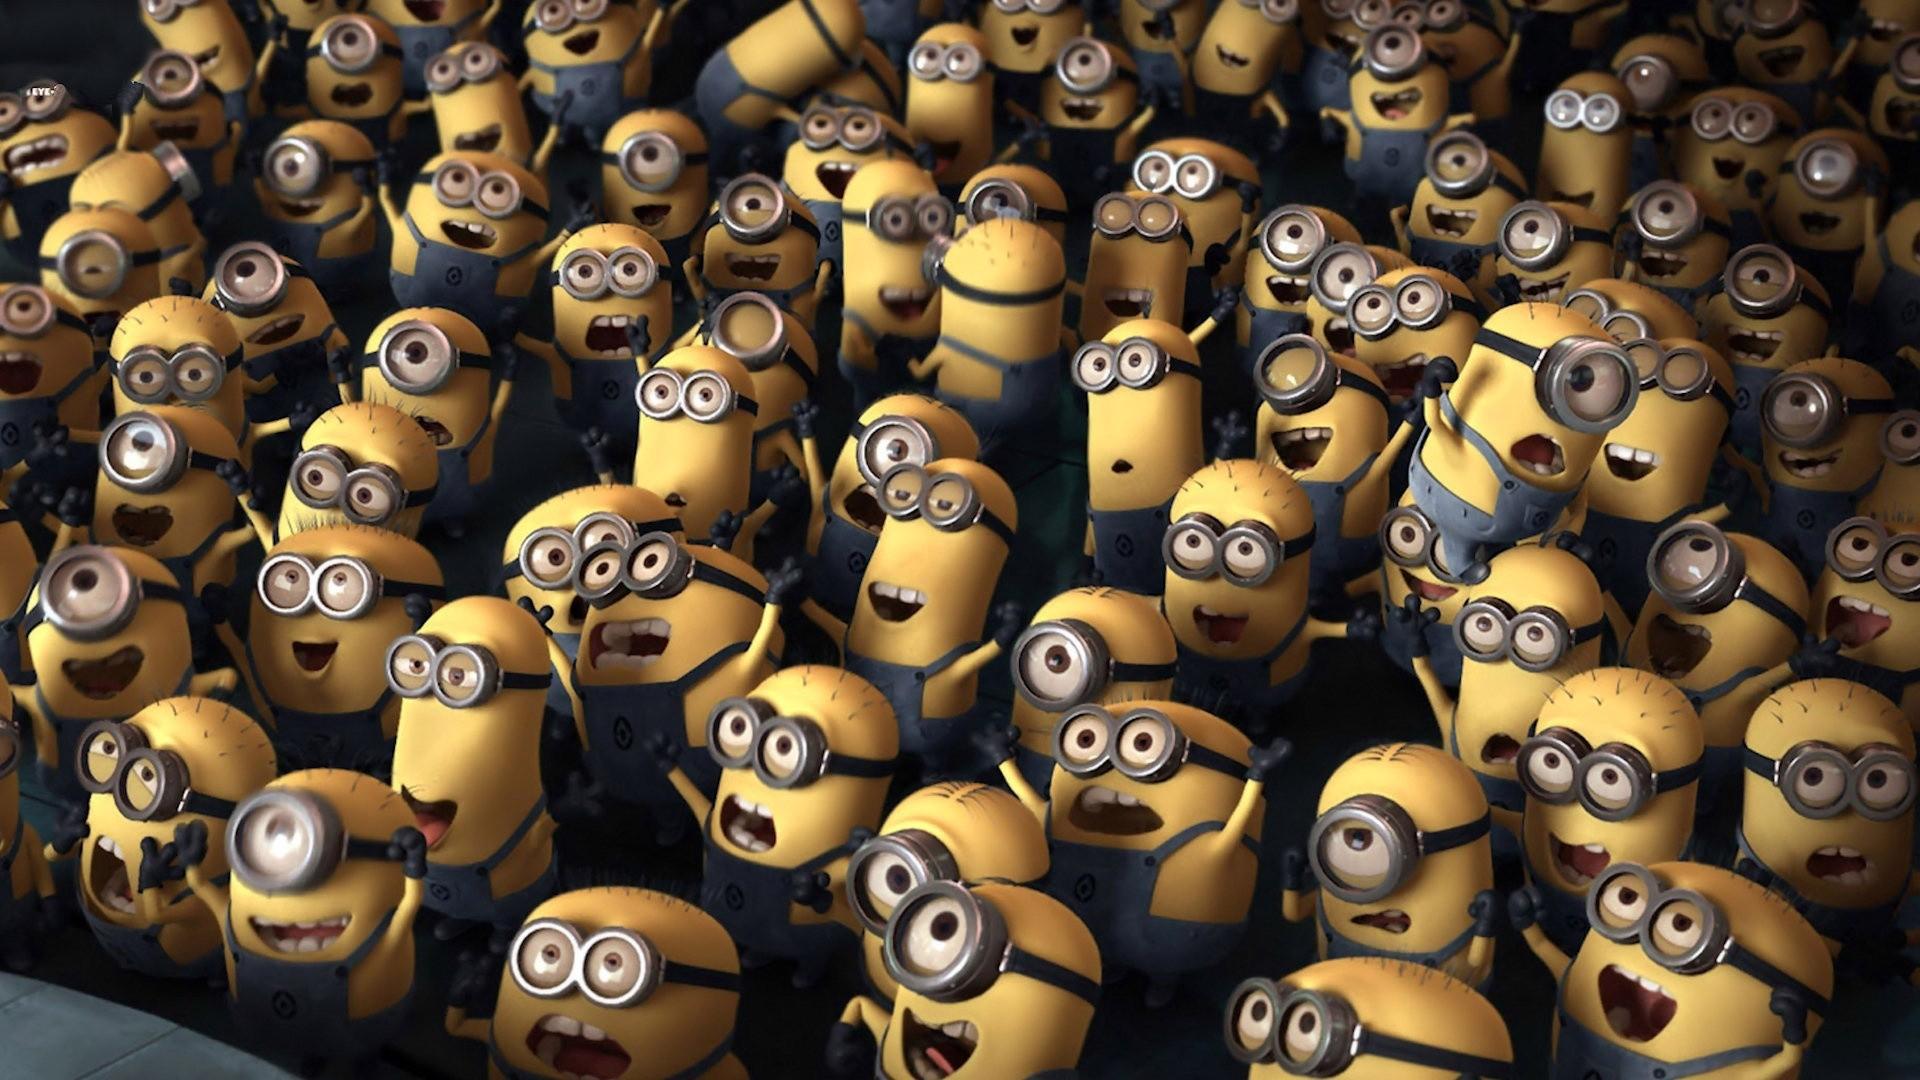 Despicable Me Minions Wallpaper Desktop HD• PoPoPics.com